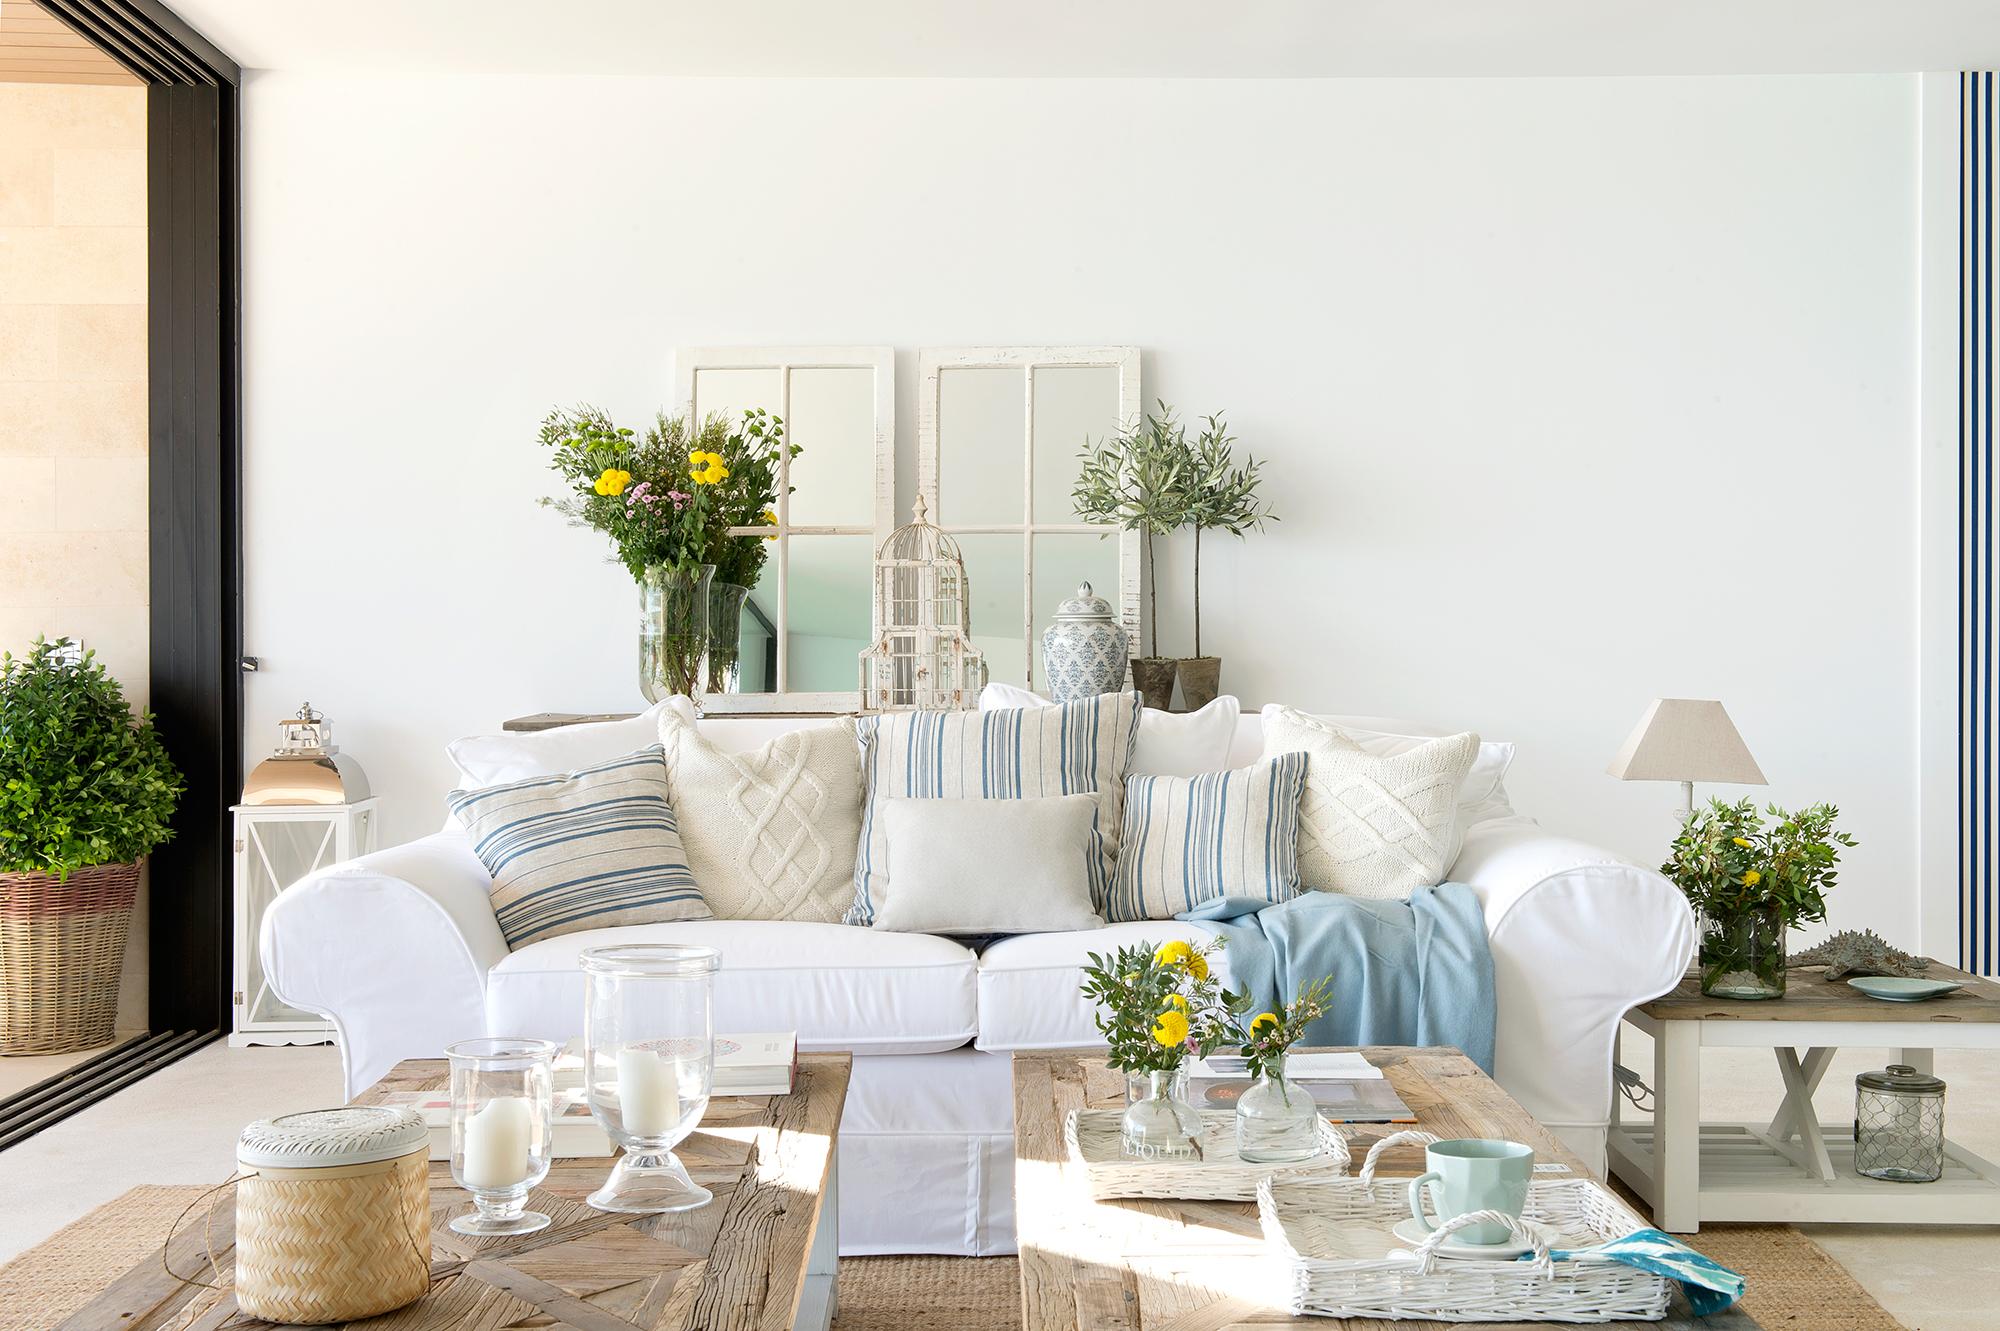 Semitoma de salón con sofá en blanco y detalles en azul_433810